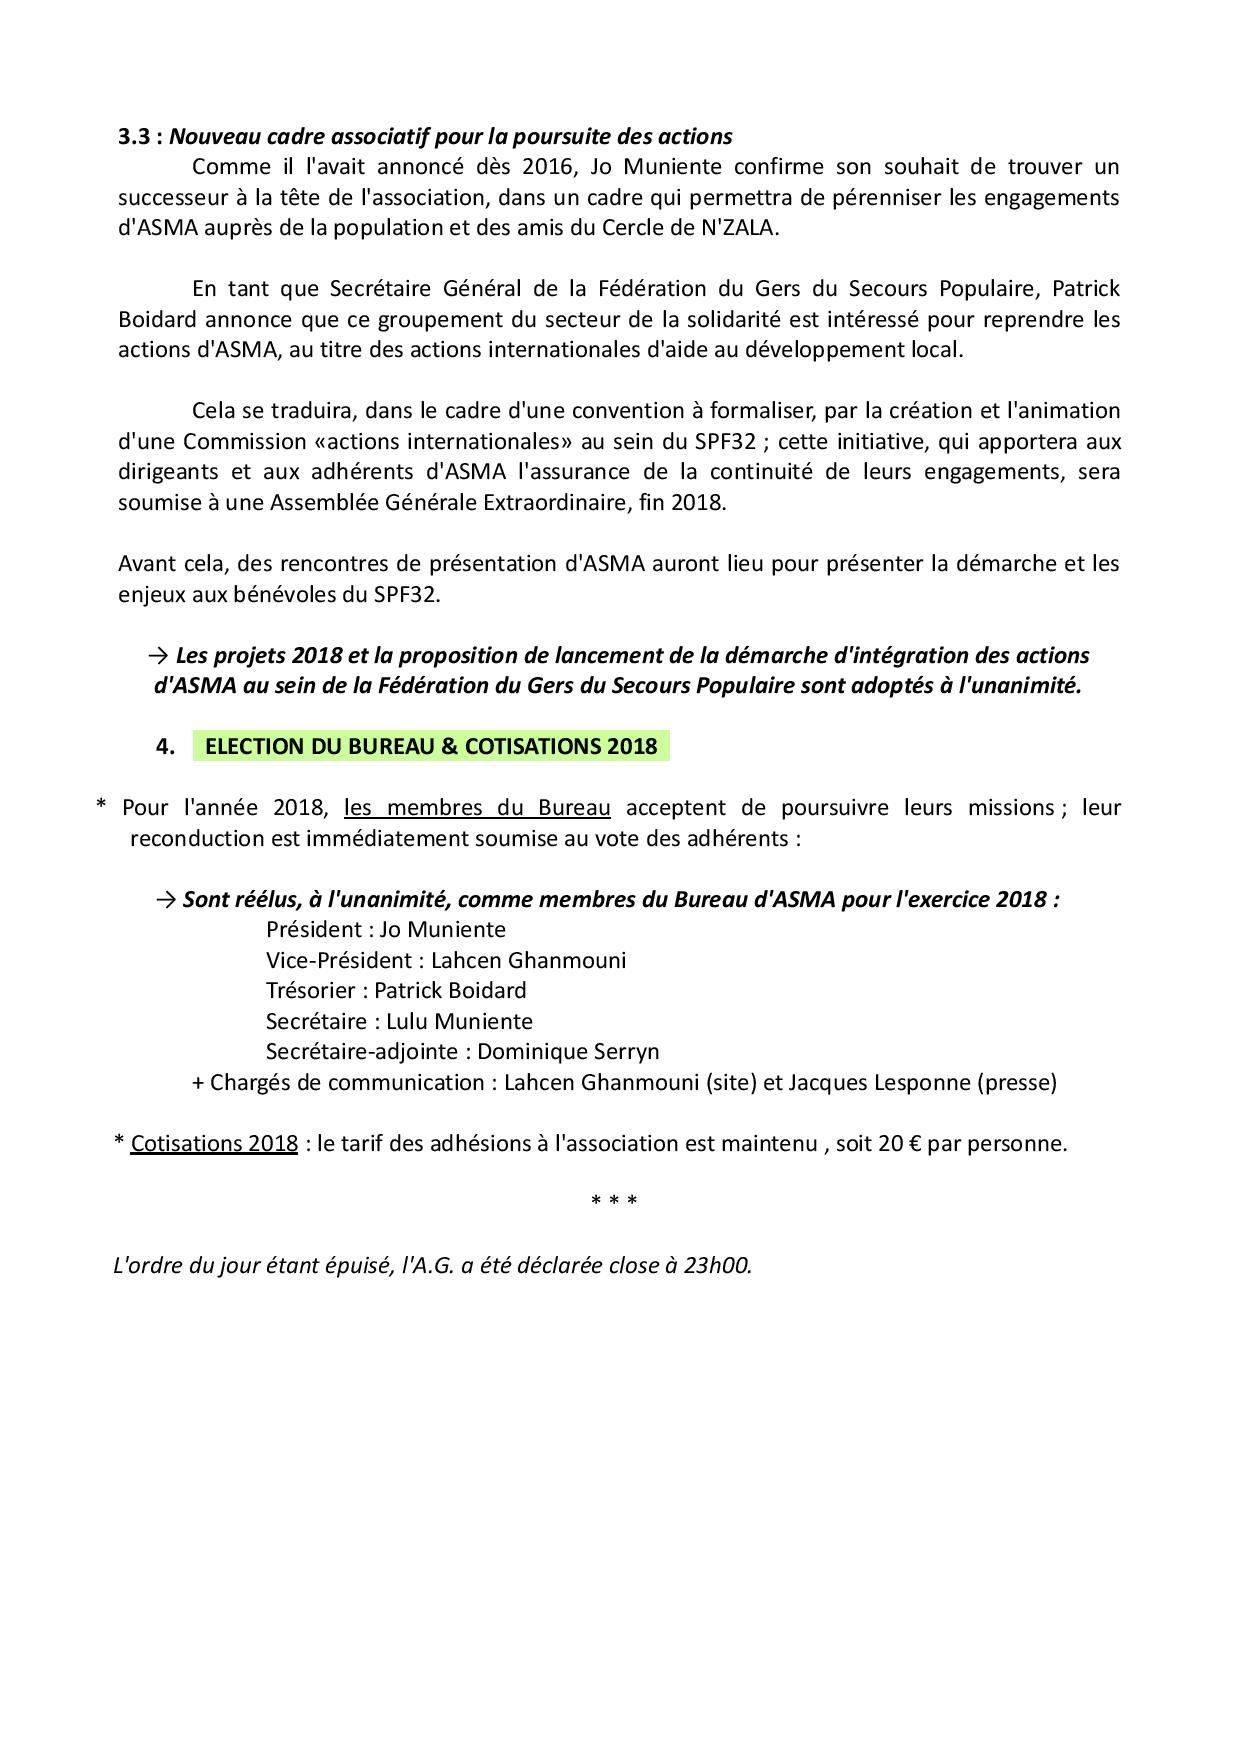 Asma compte rendu de l 27a g 16 03 2018 5b7087 5d page 003